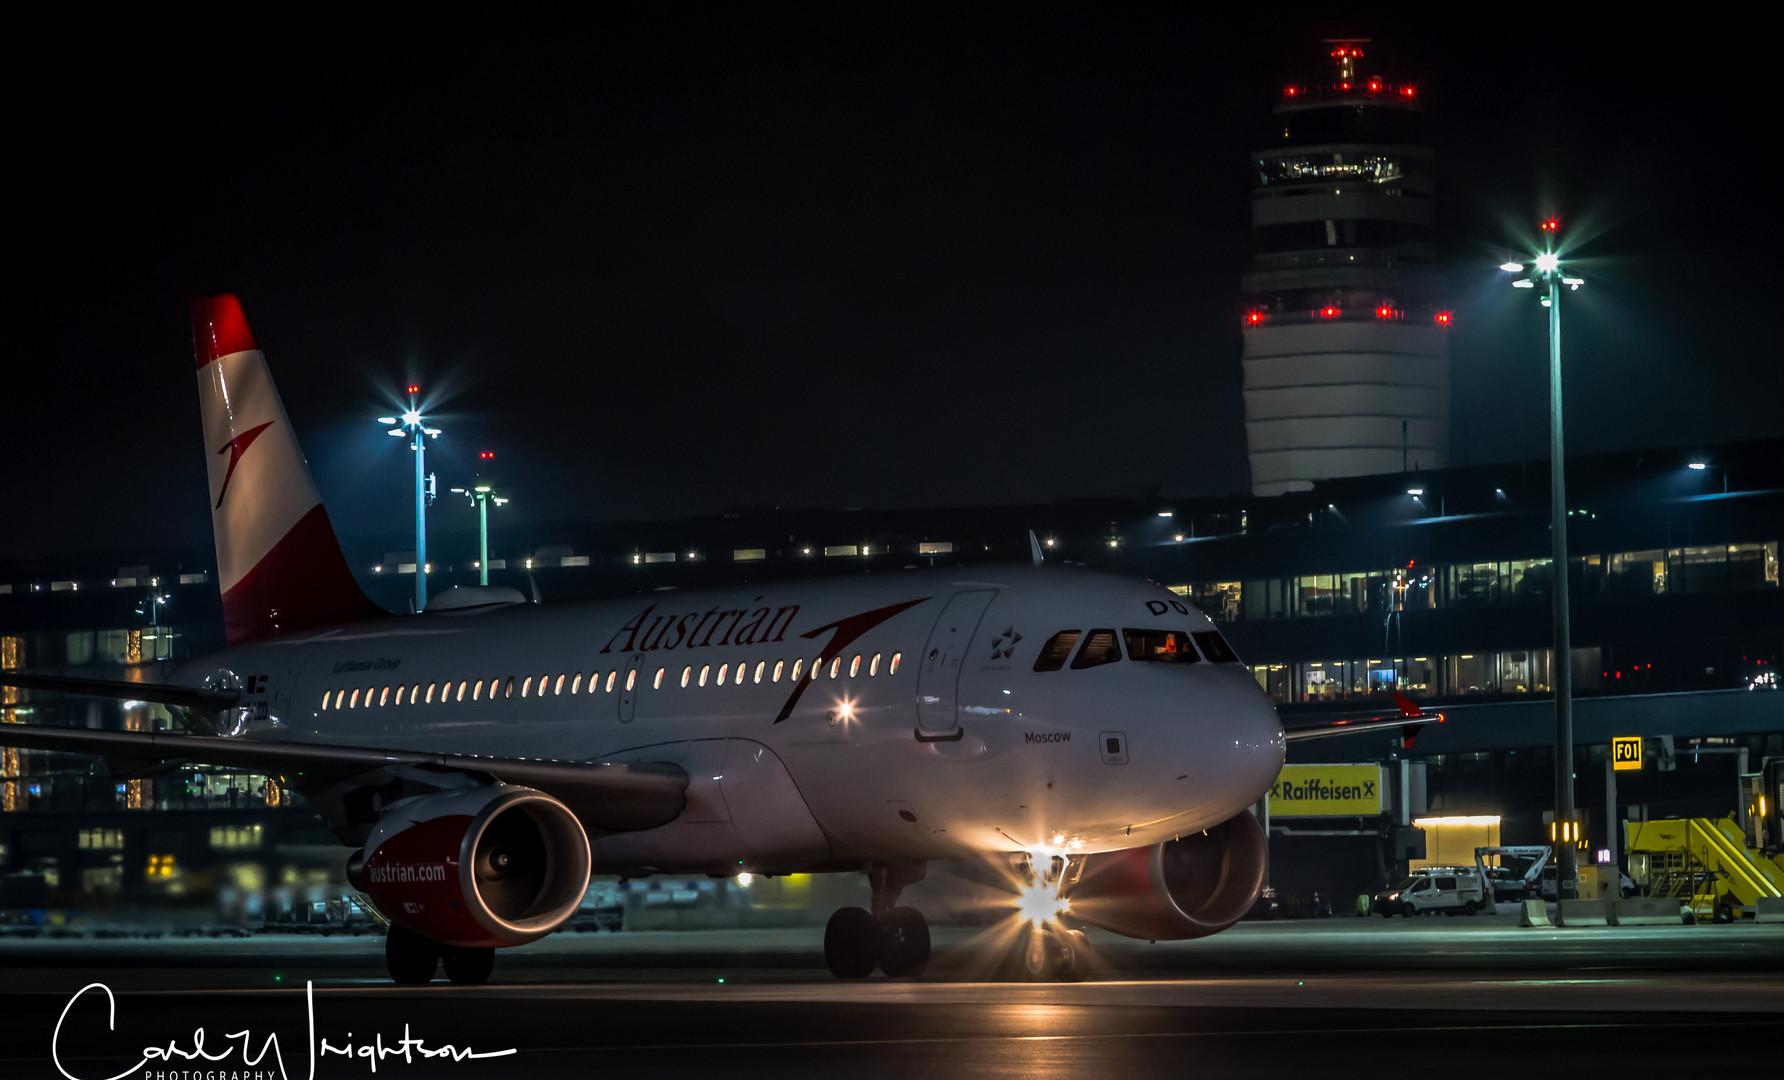 Vienna International Airport